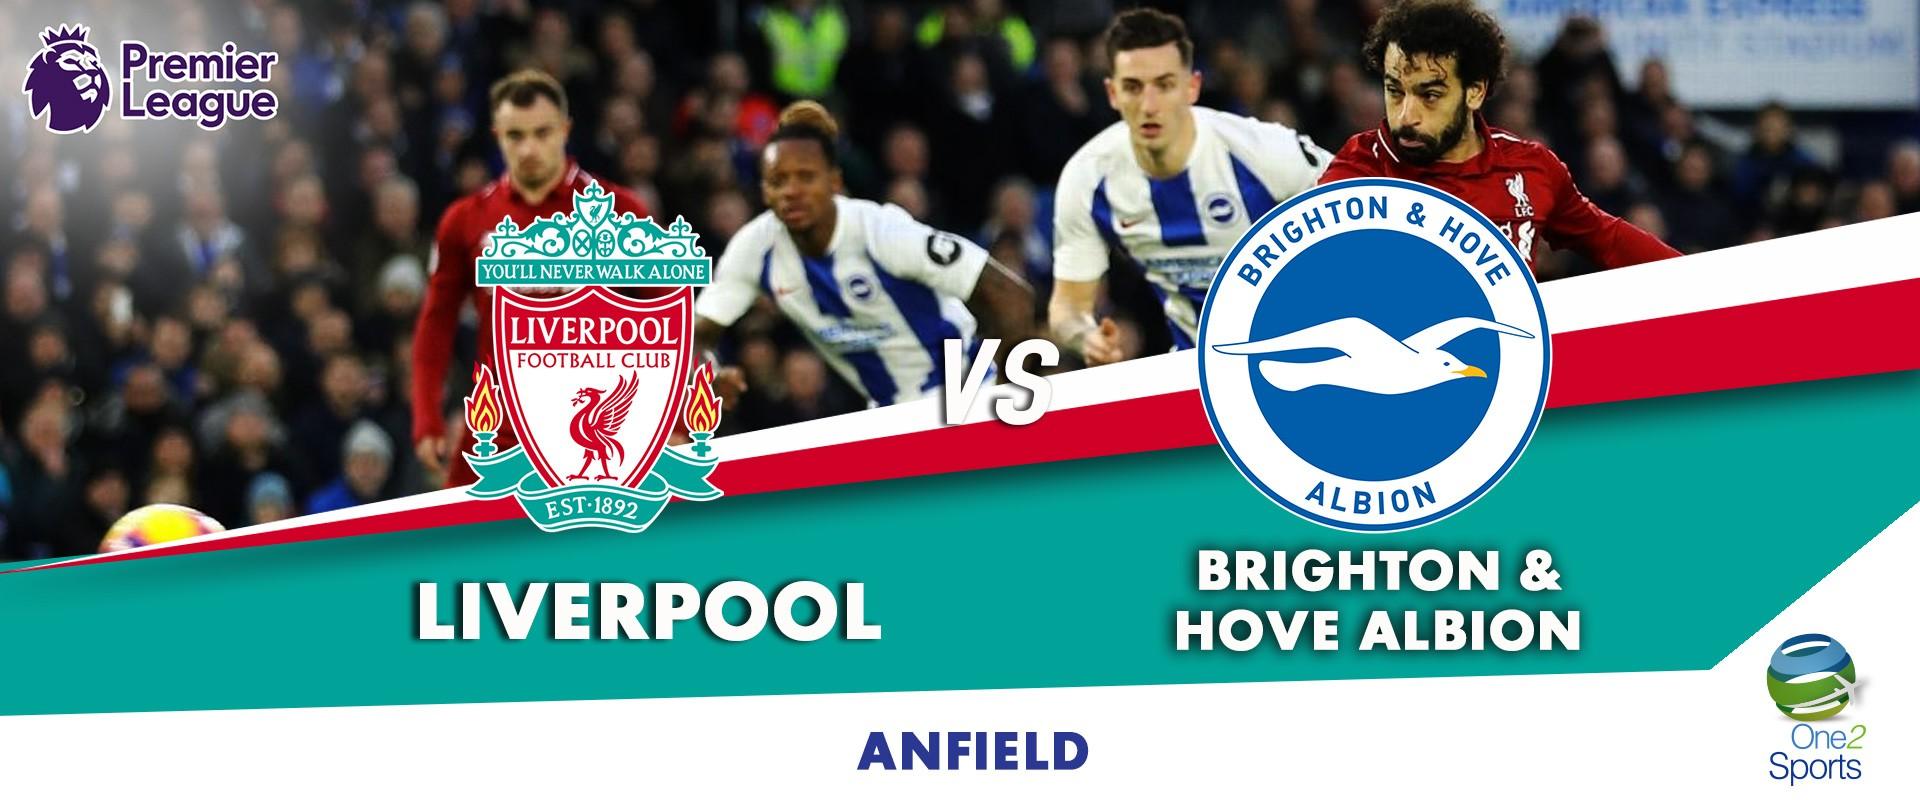 Liverpool vs Brighton and Hove Albion